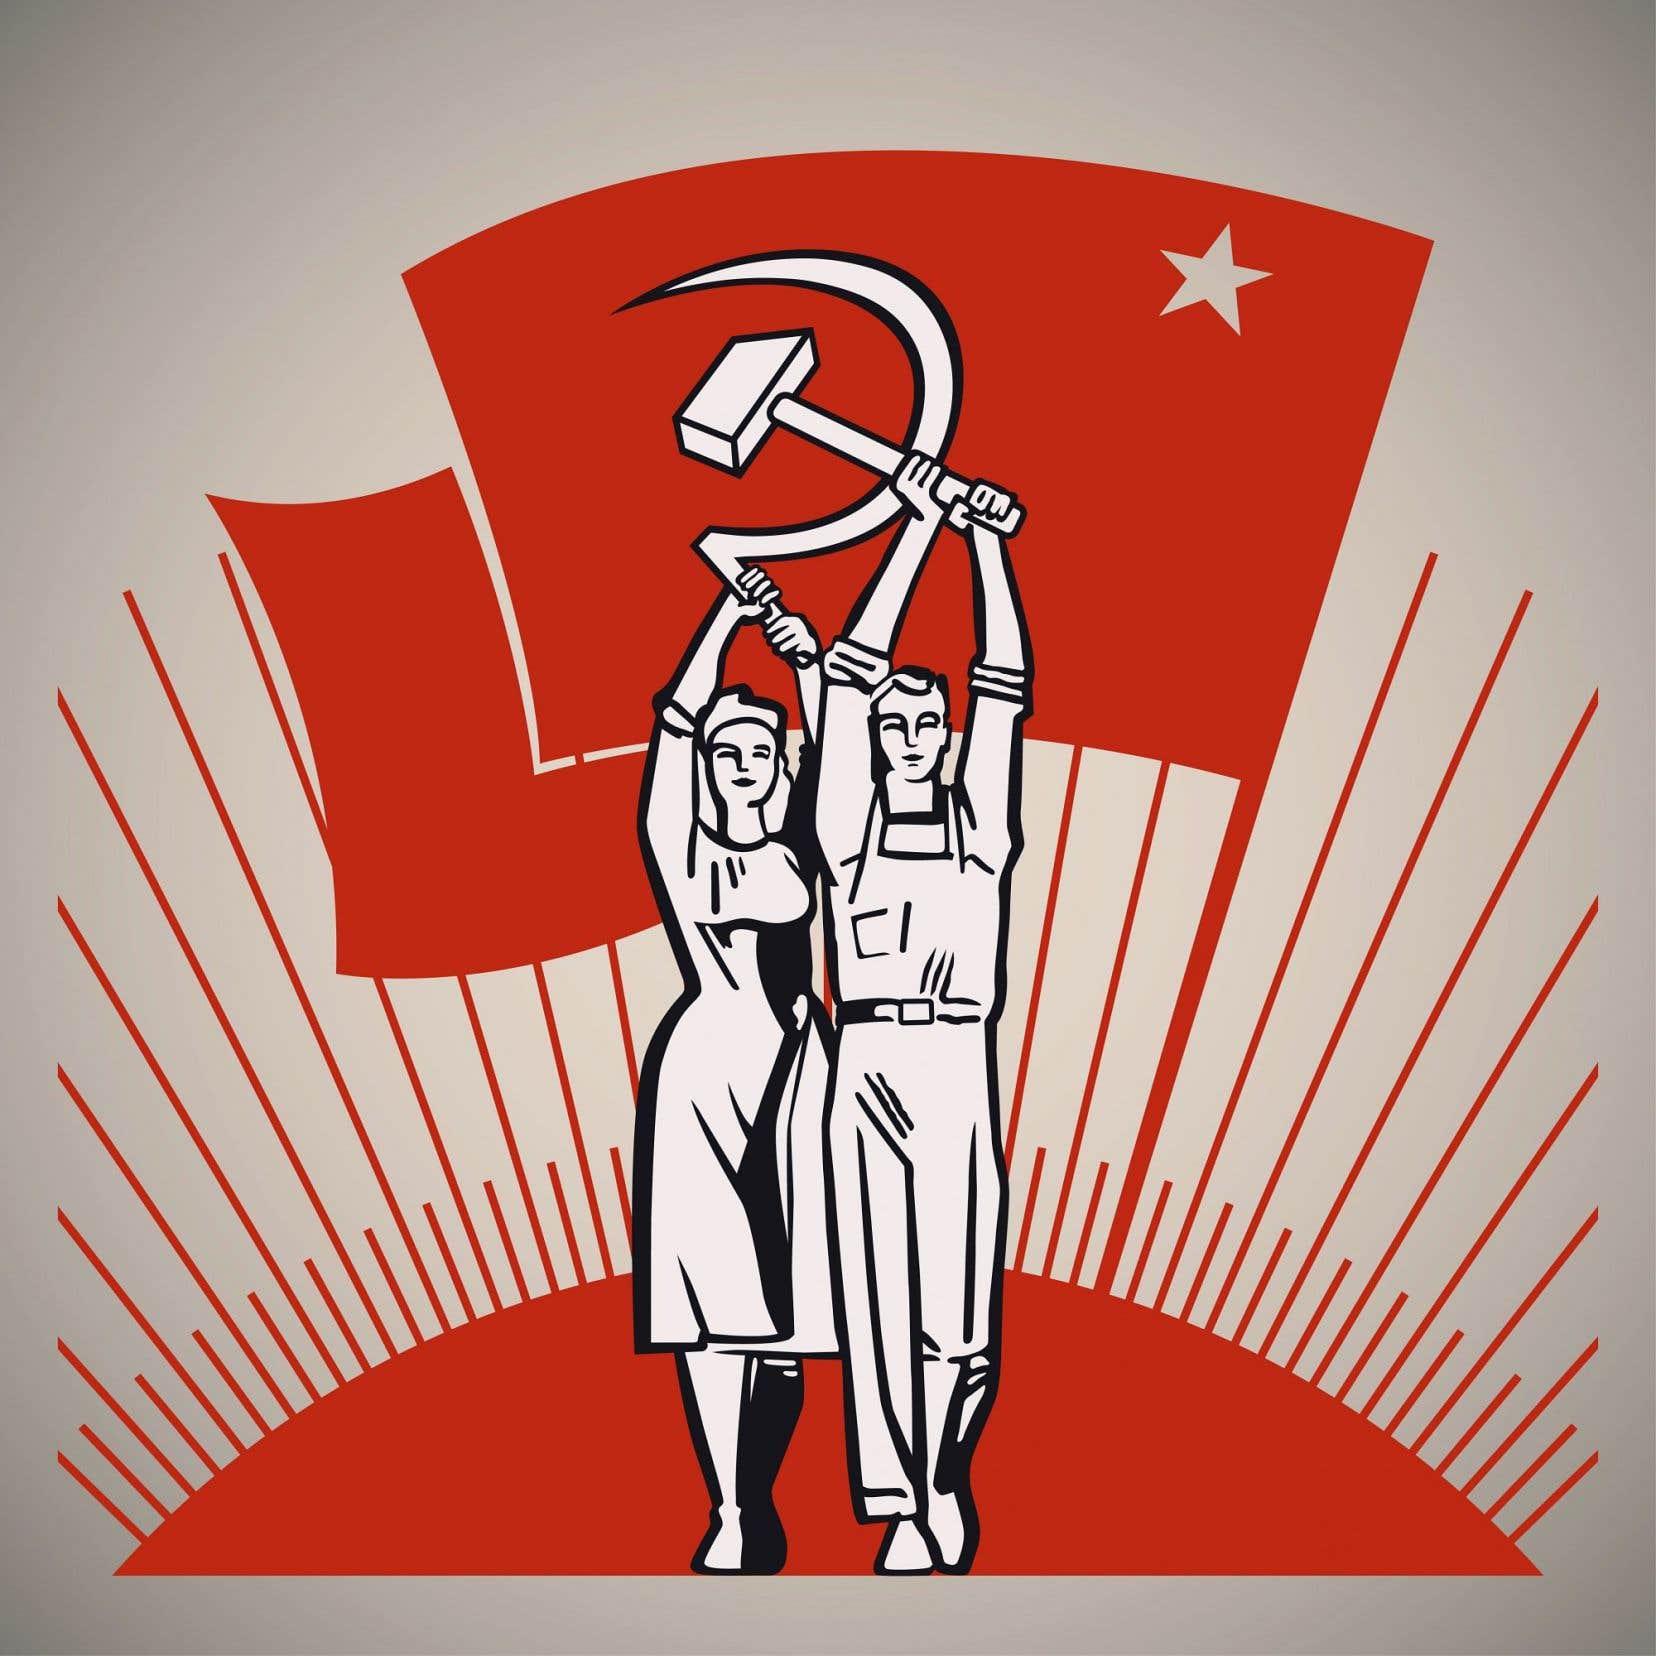 L'union des travailleurs est-elle un idéal rationnel pour rapprocher les différences?